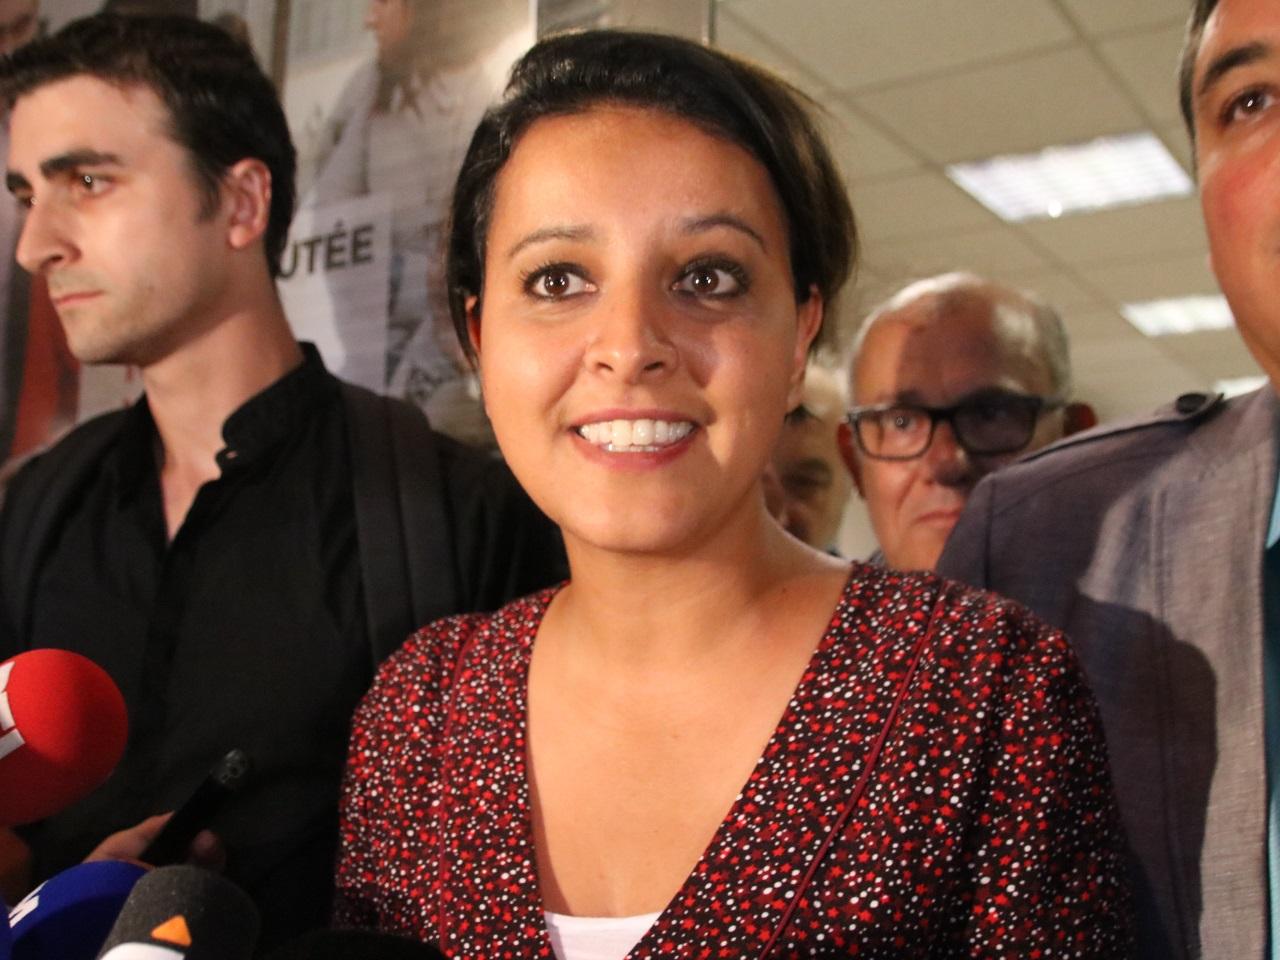 Découvrez sa nouvelle vie depuis son échec aux législatives — Najat Vallaud-Belkacem